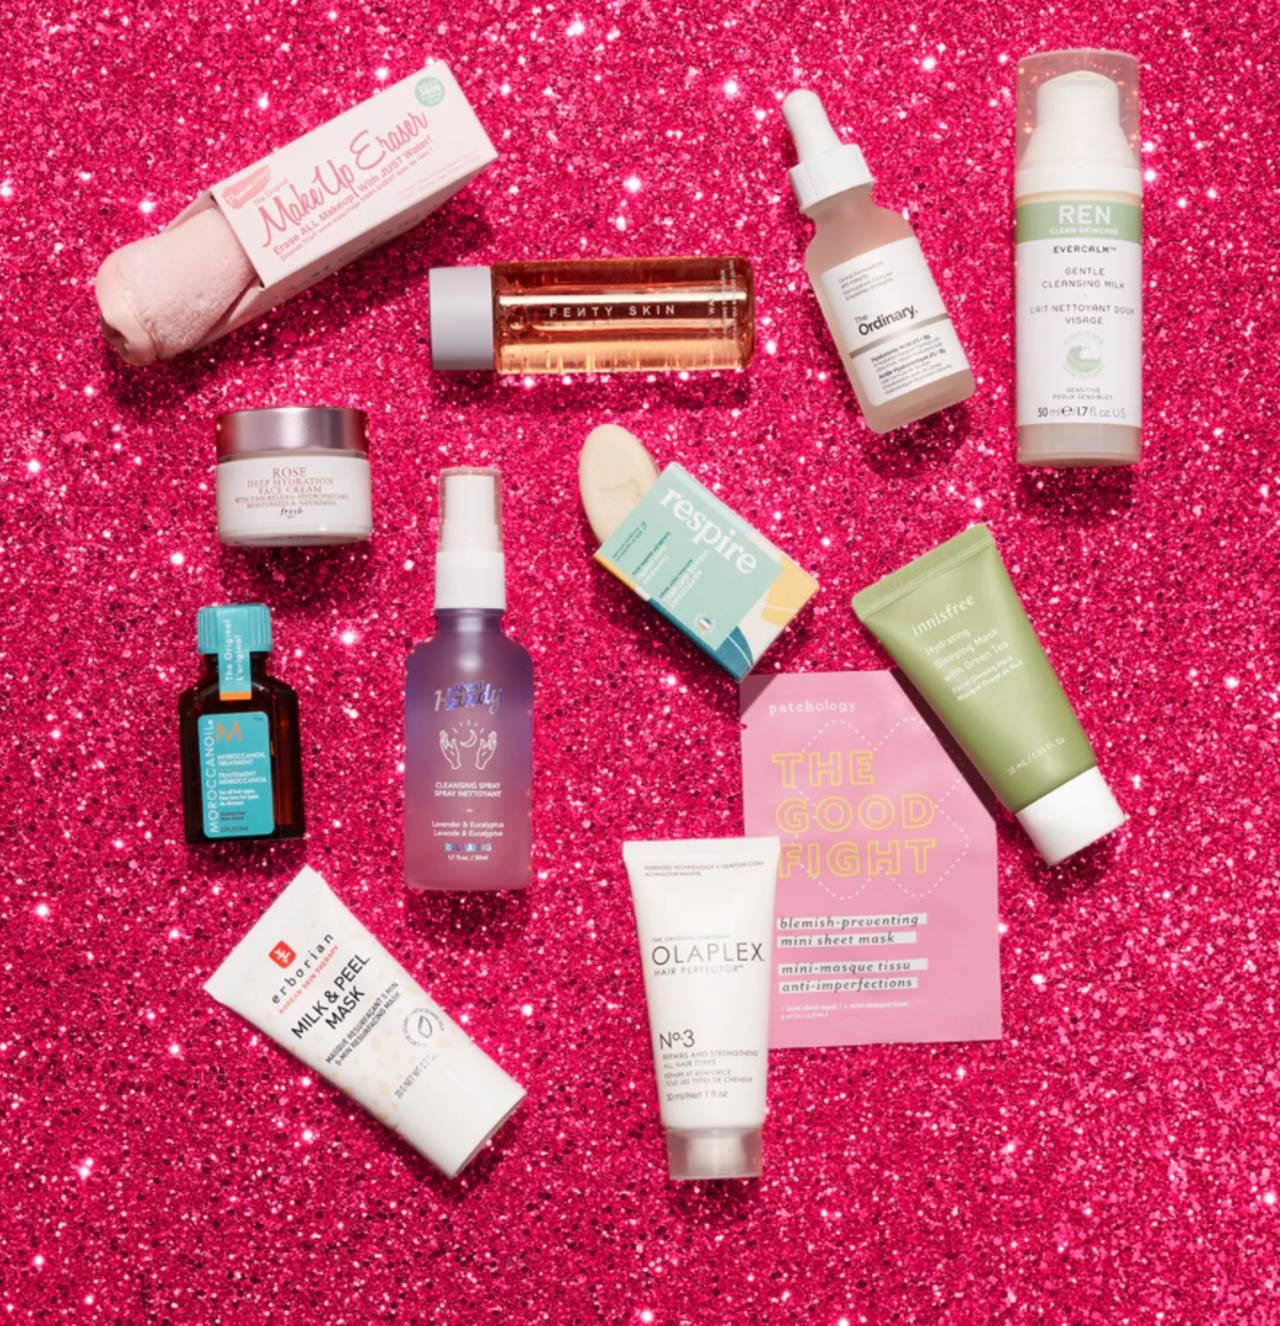 Calendario Sephora Favoritos 2021 productos cuidado piel